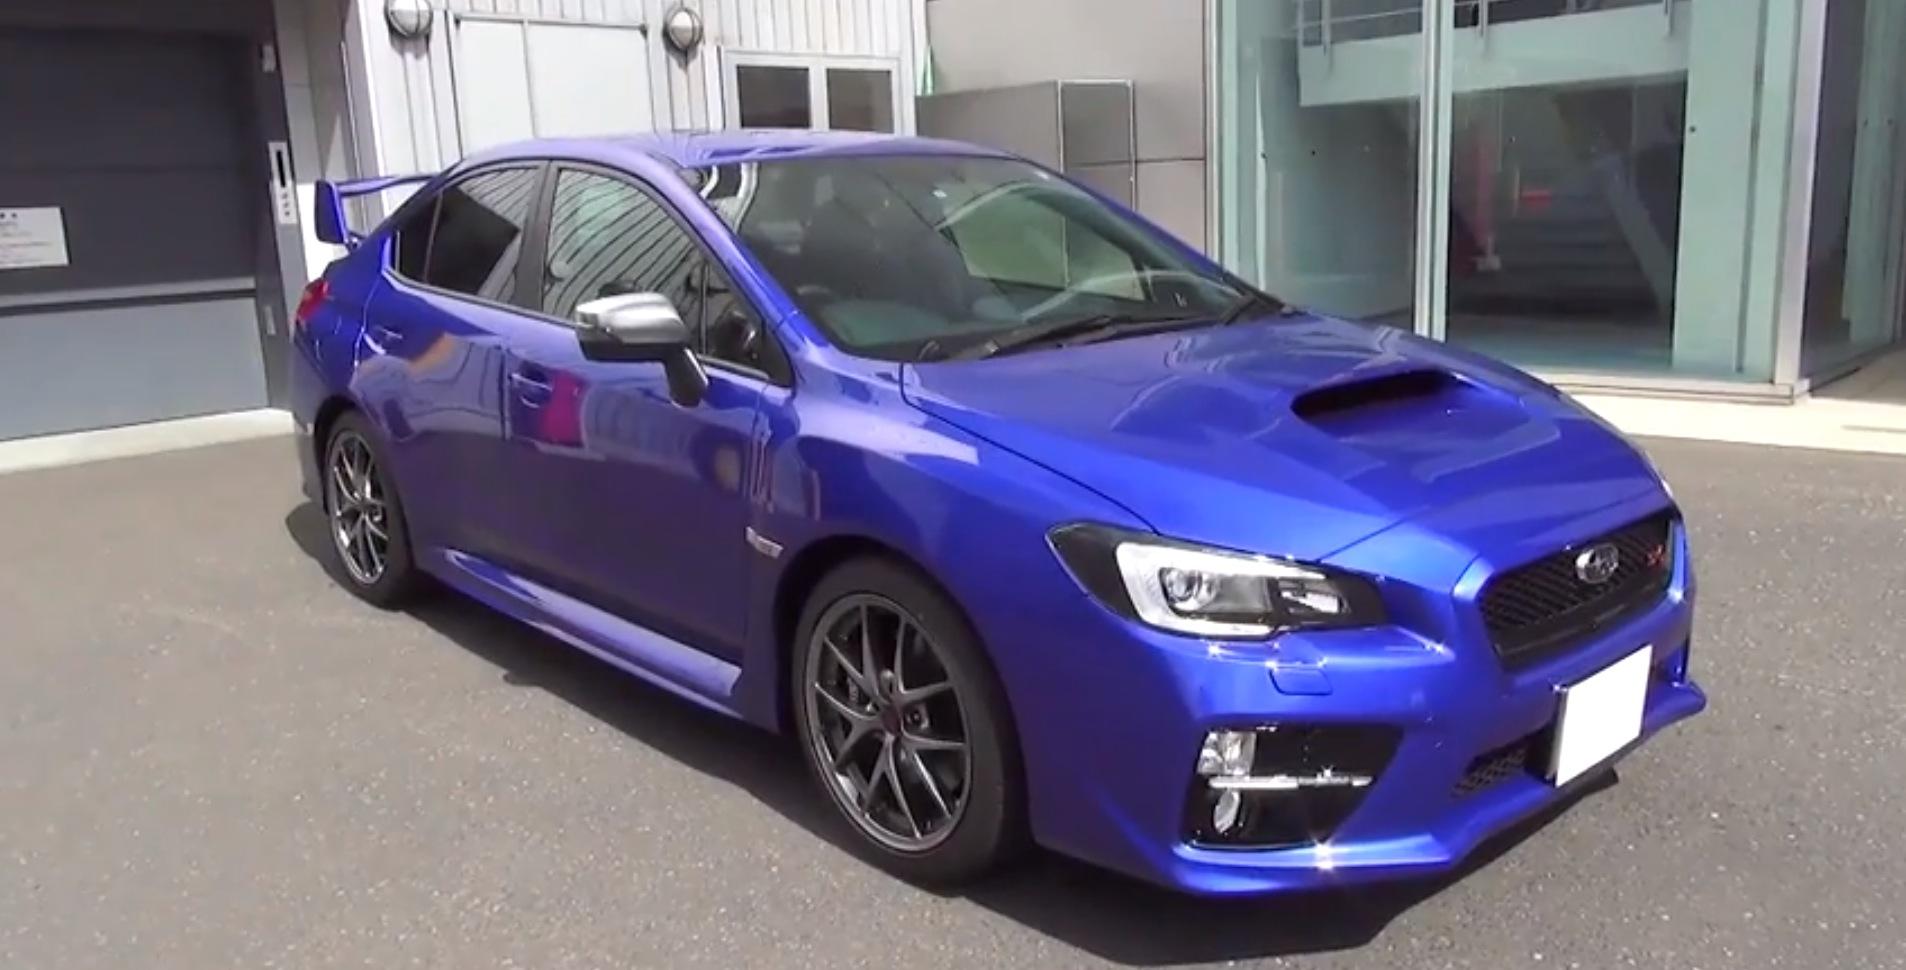 Jdm Spec Subaru Wrx Sti Type S